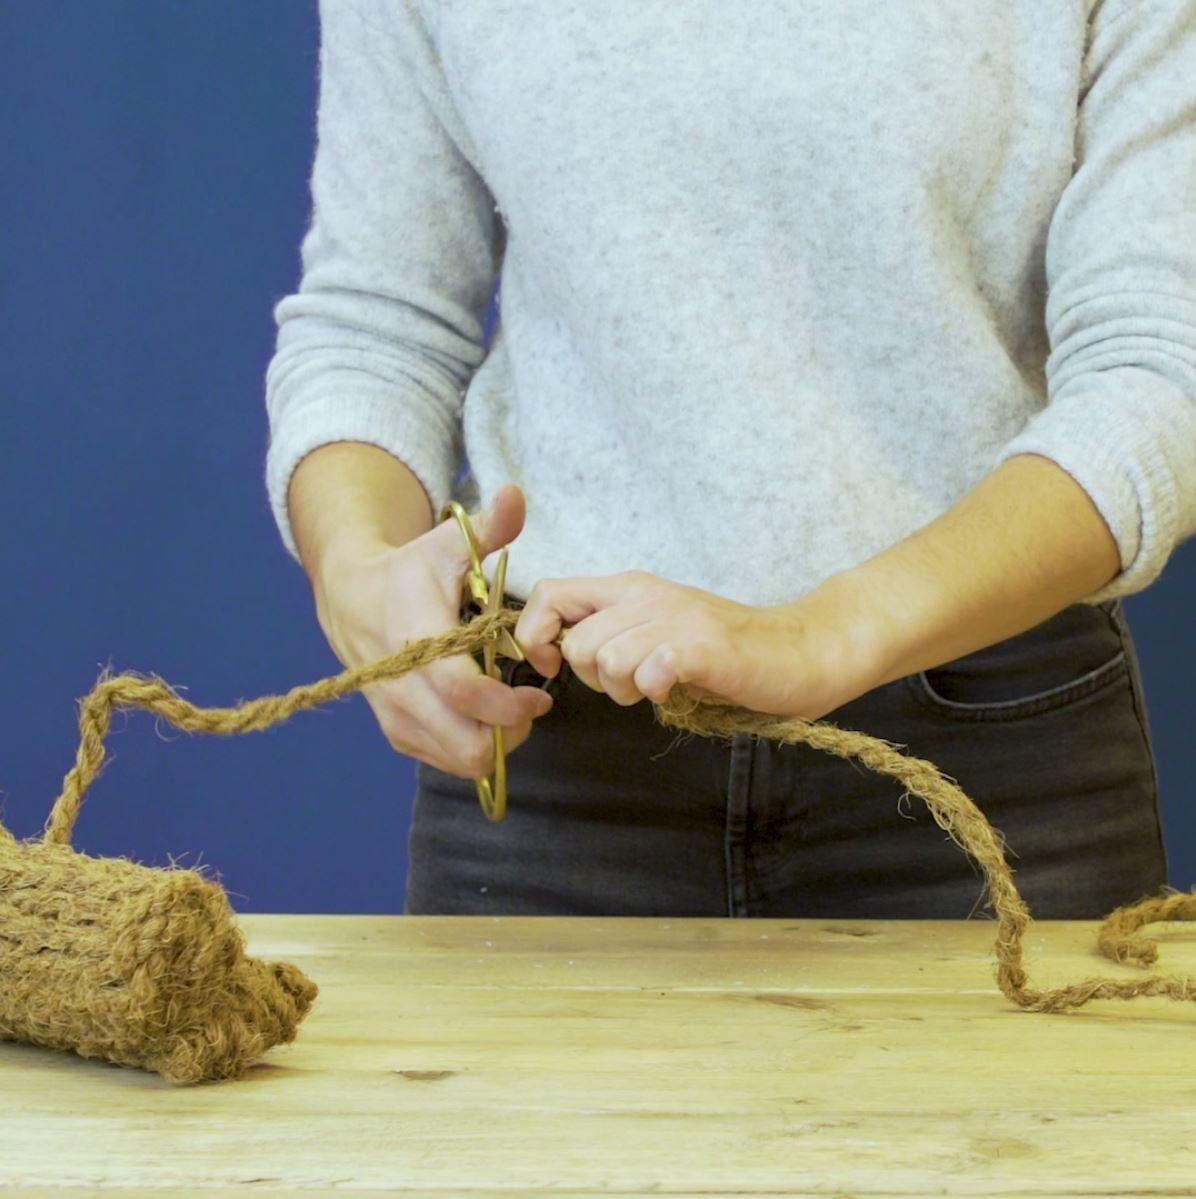 DIY groene tafelloper. Stap 1: Knip het touw